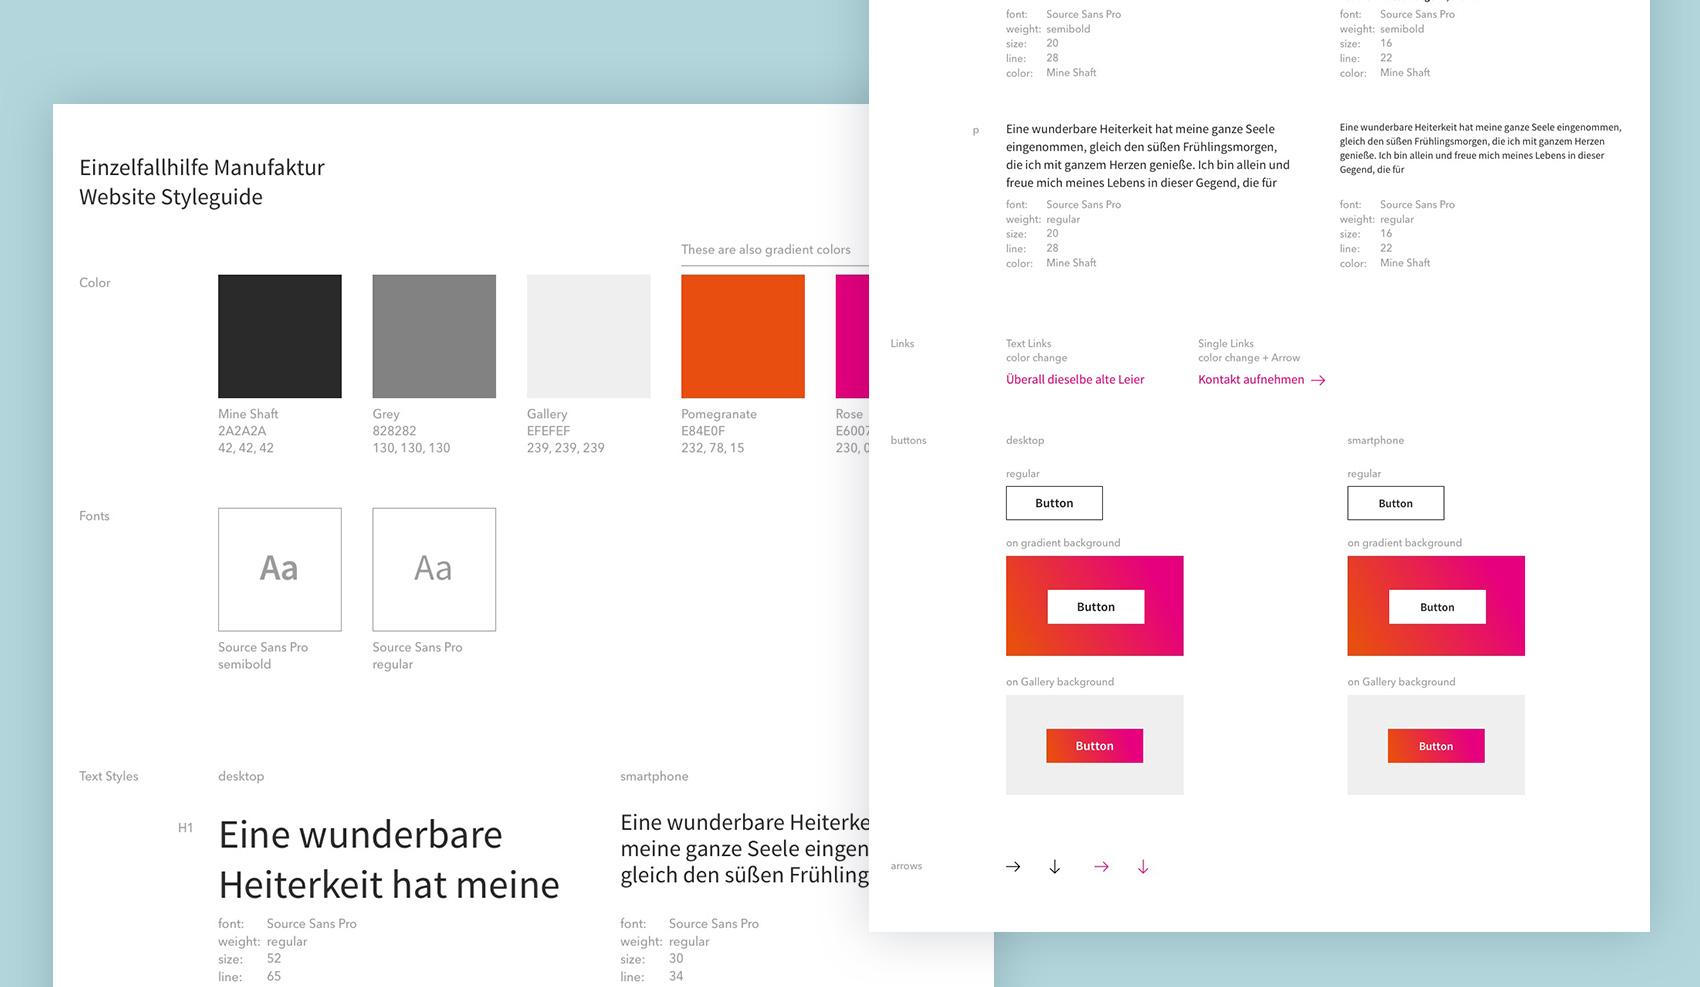 Brand Design Potsdam Einzelfallhilfe Styleguide